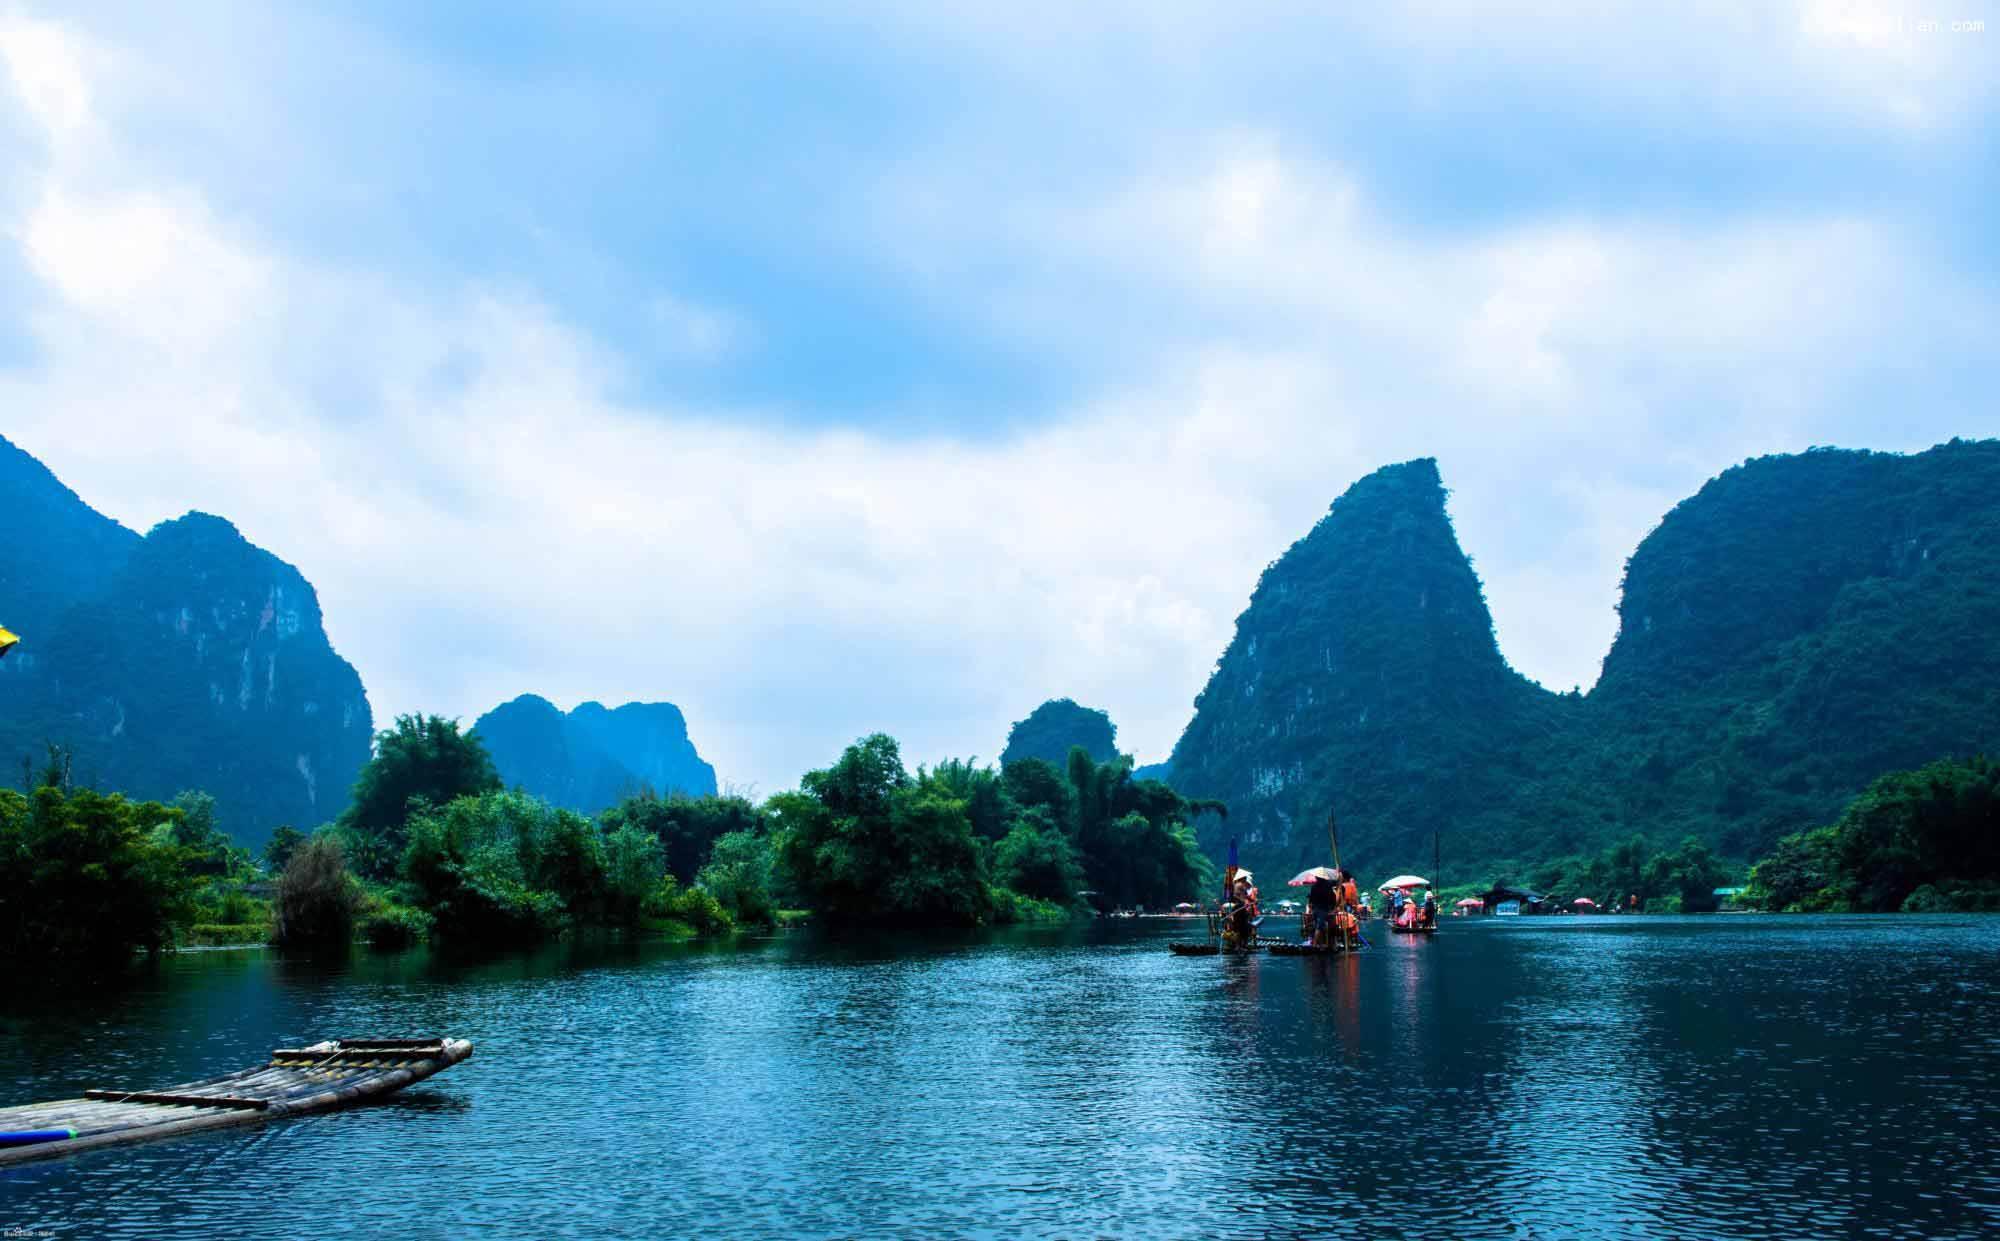 桂林旅游几月份去最好